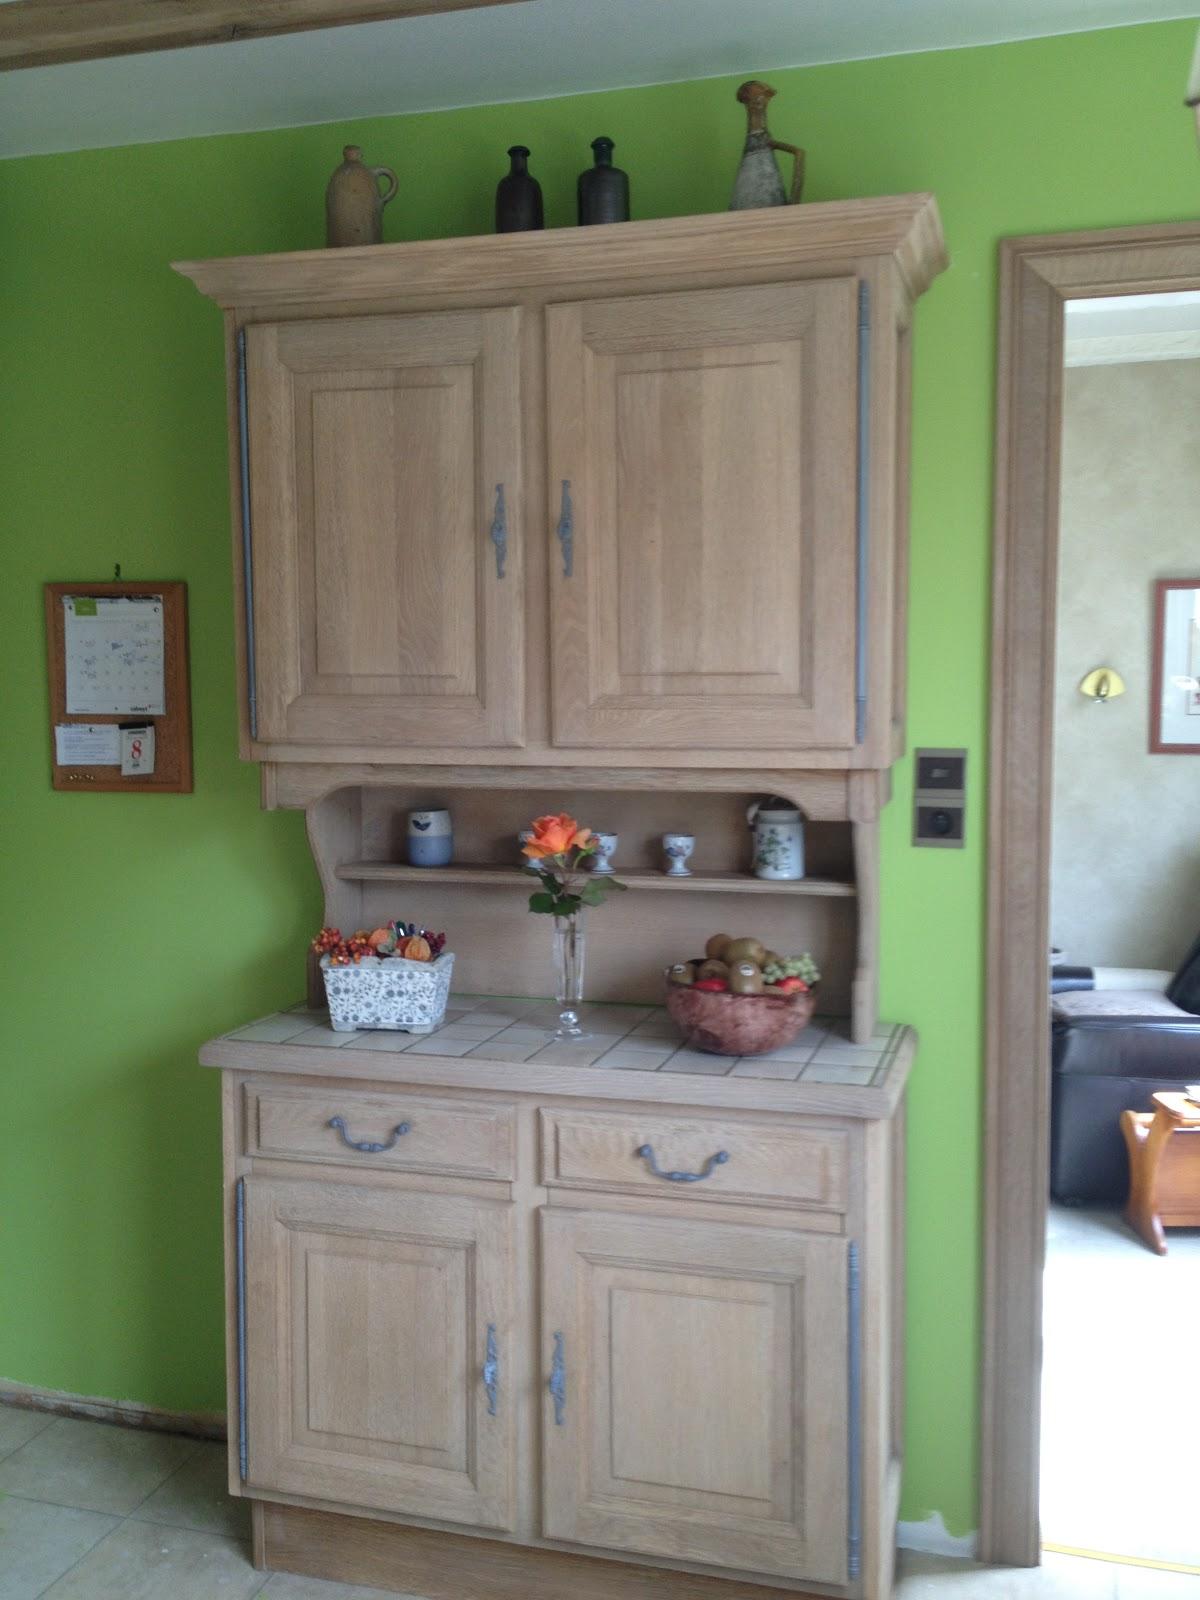 Kleine Keuken Kortrijk : klein stuk van de keuken-kader van deze te renoveren eiken keuken werd